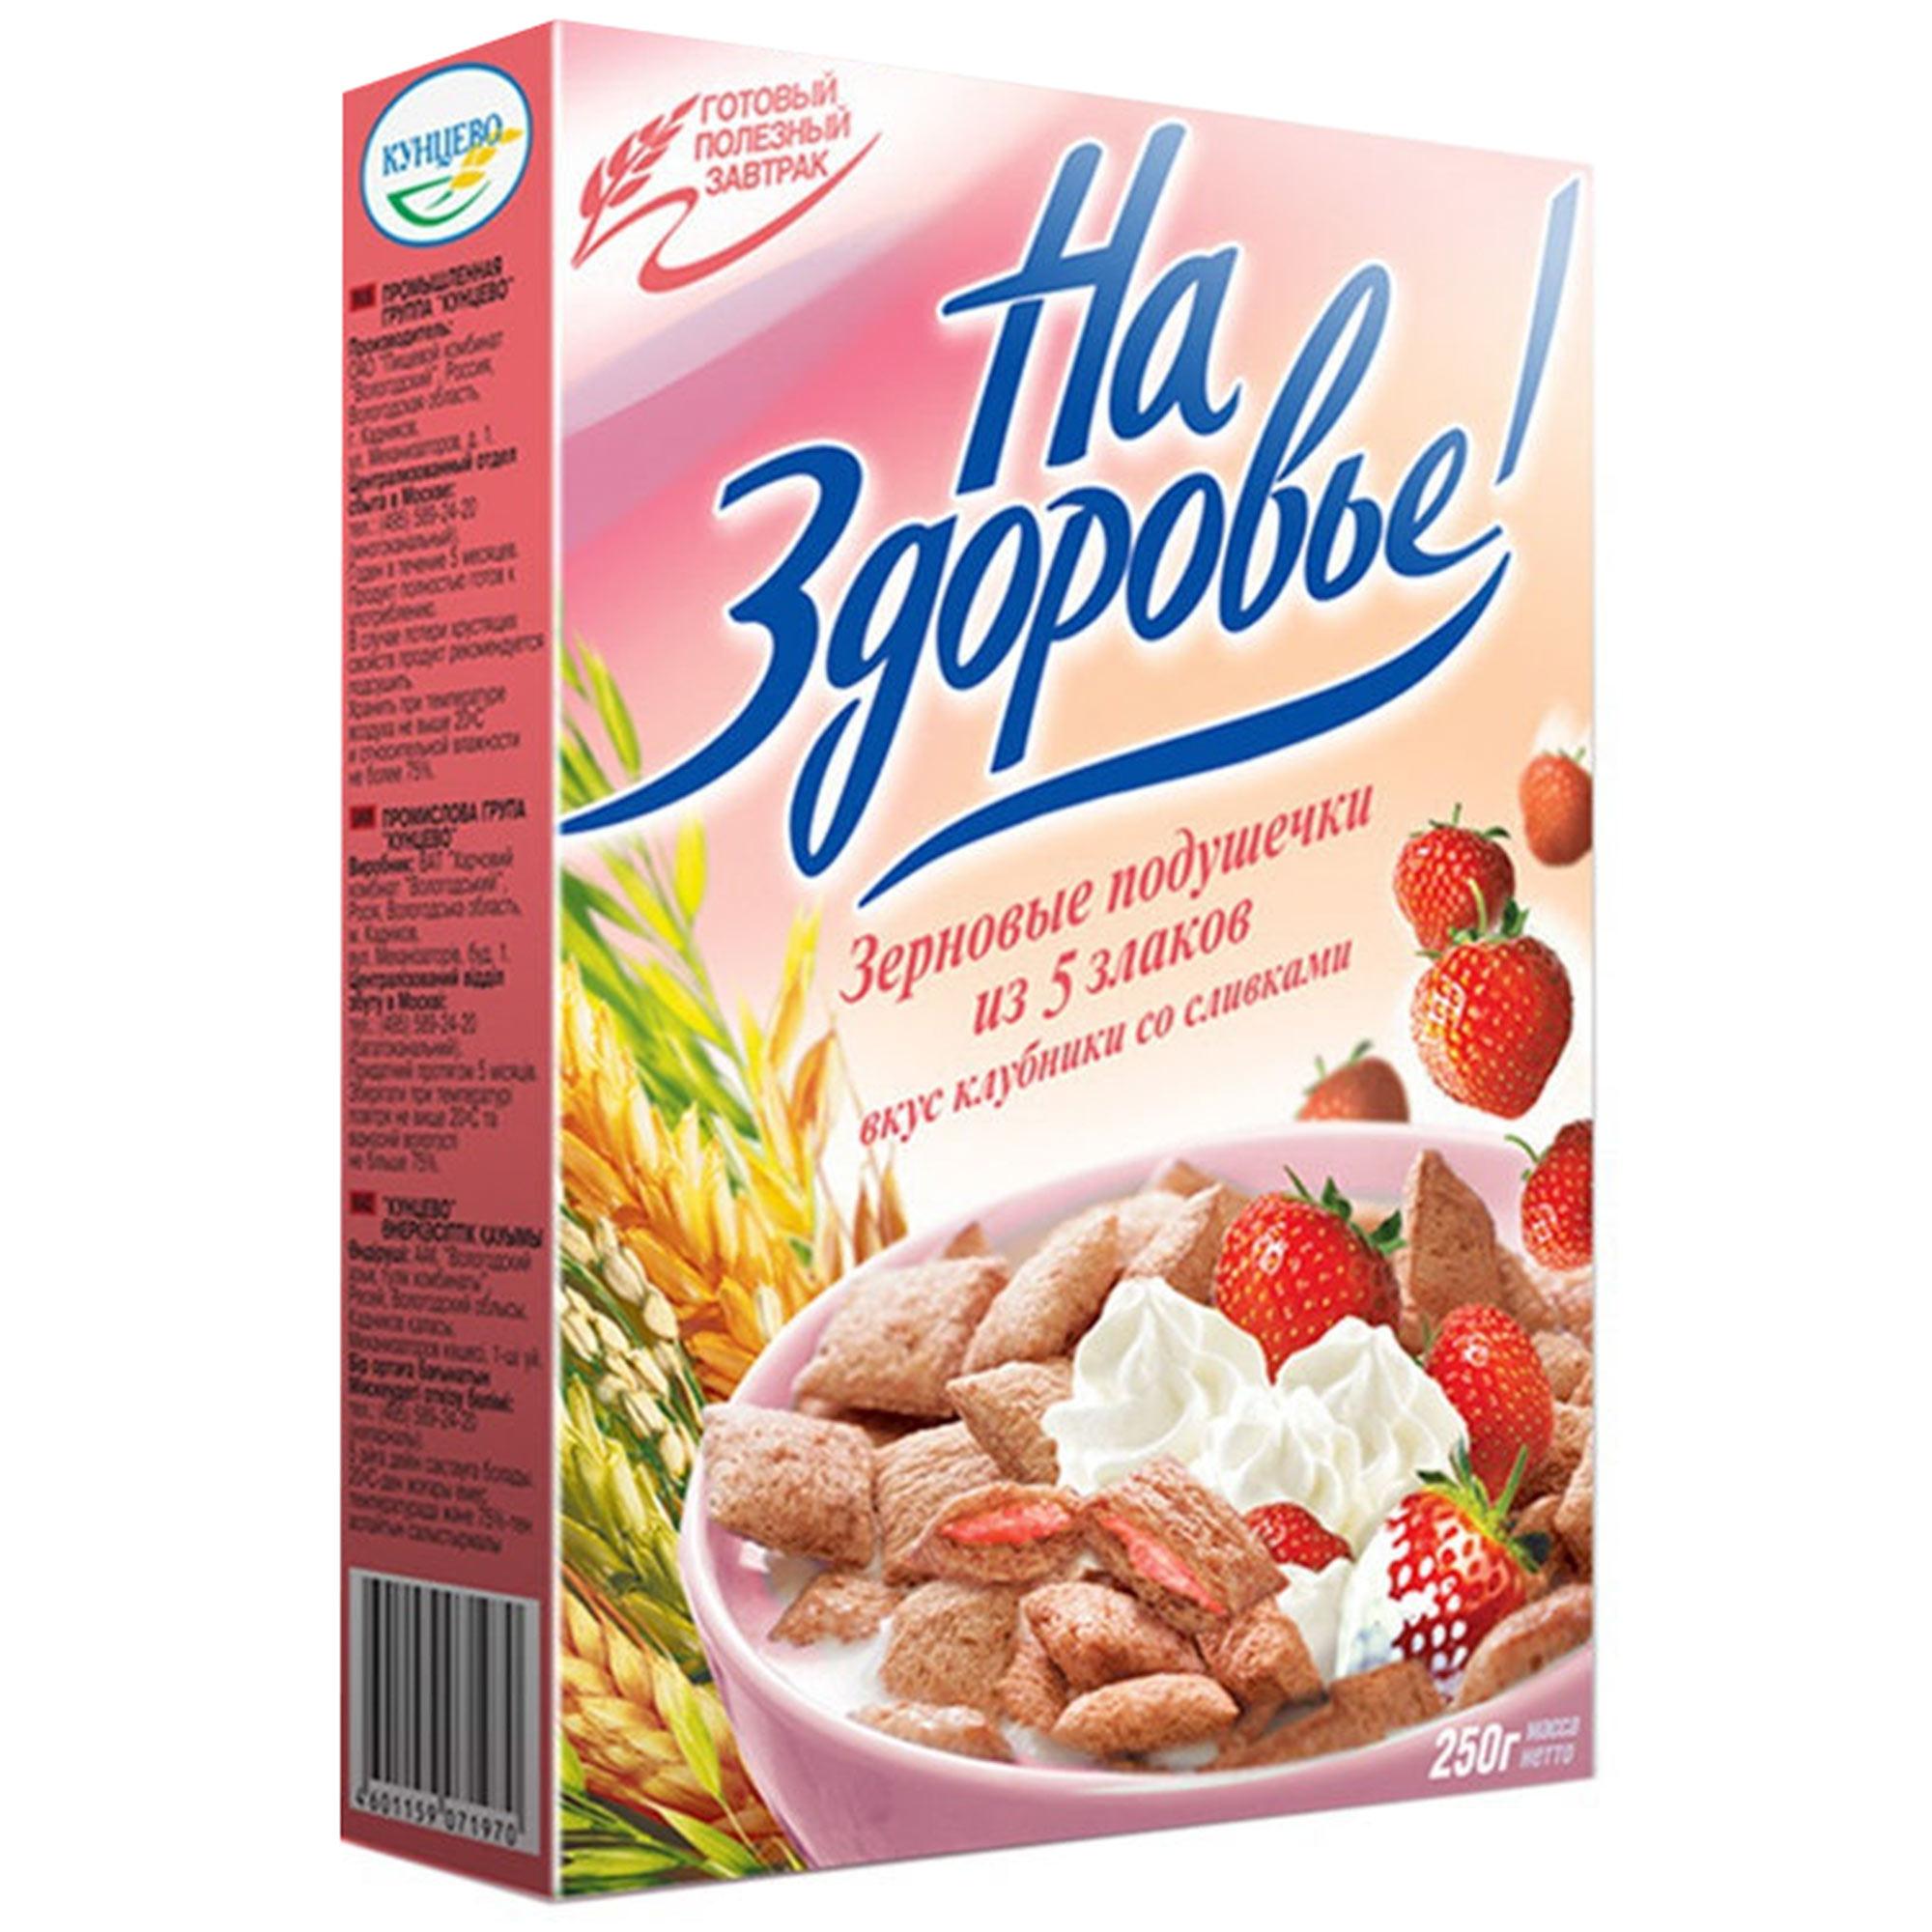 Зерновые подушечки На Здоровье! из 5 злаков с клубничной начинкой 250 г